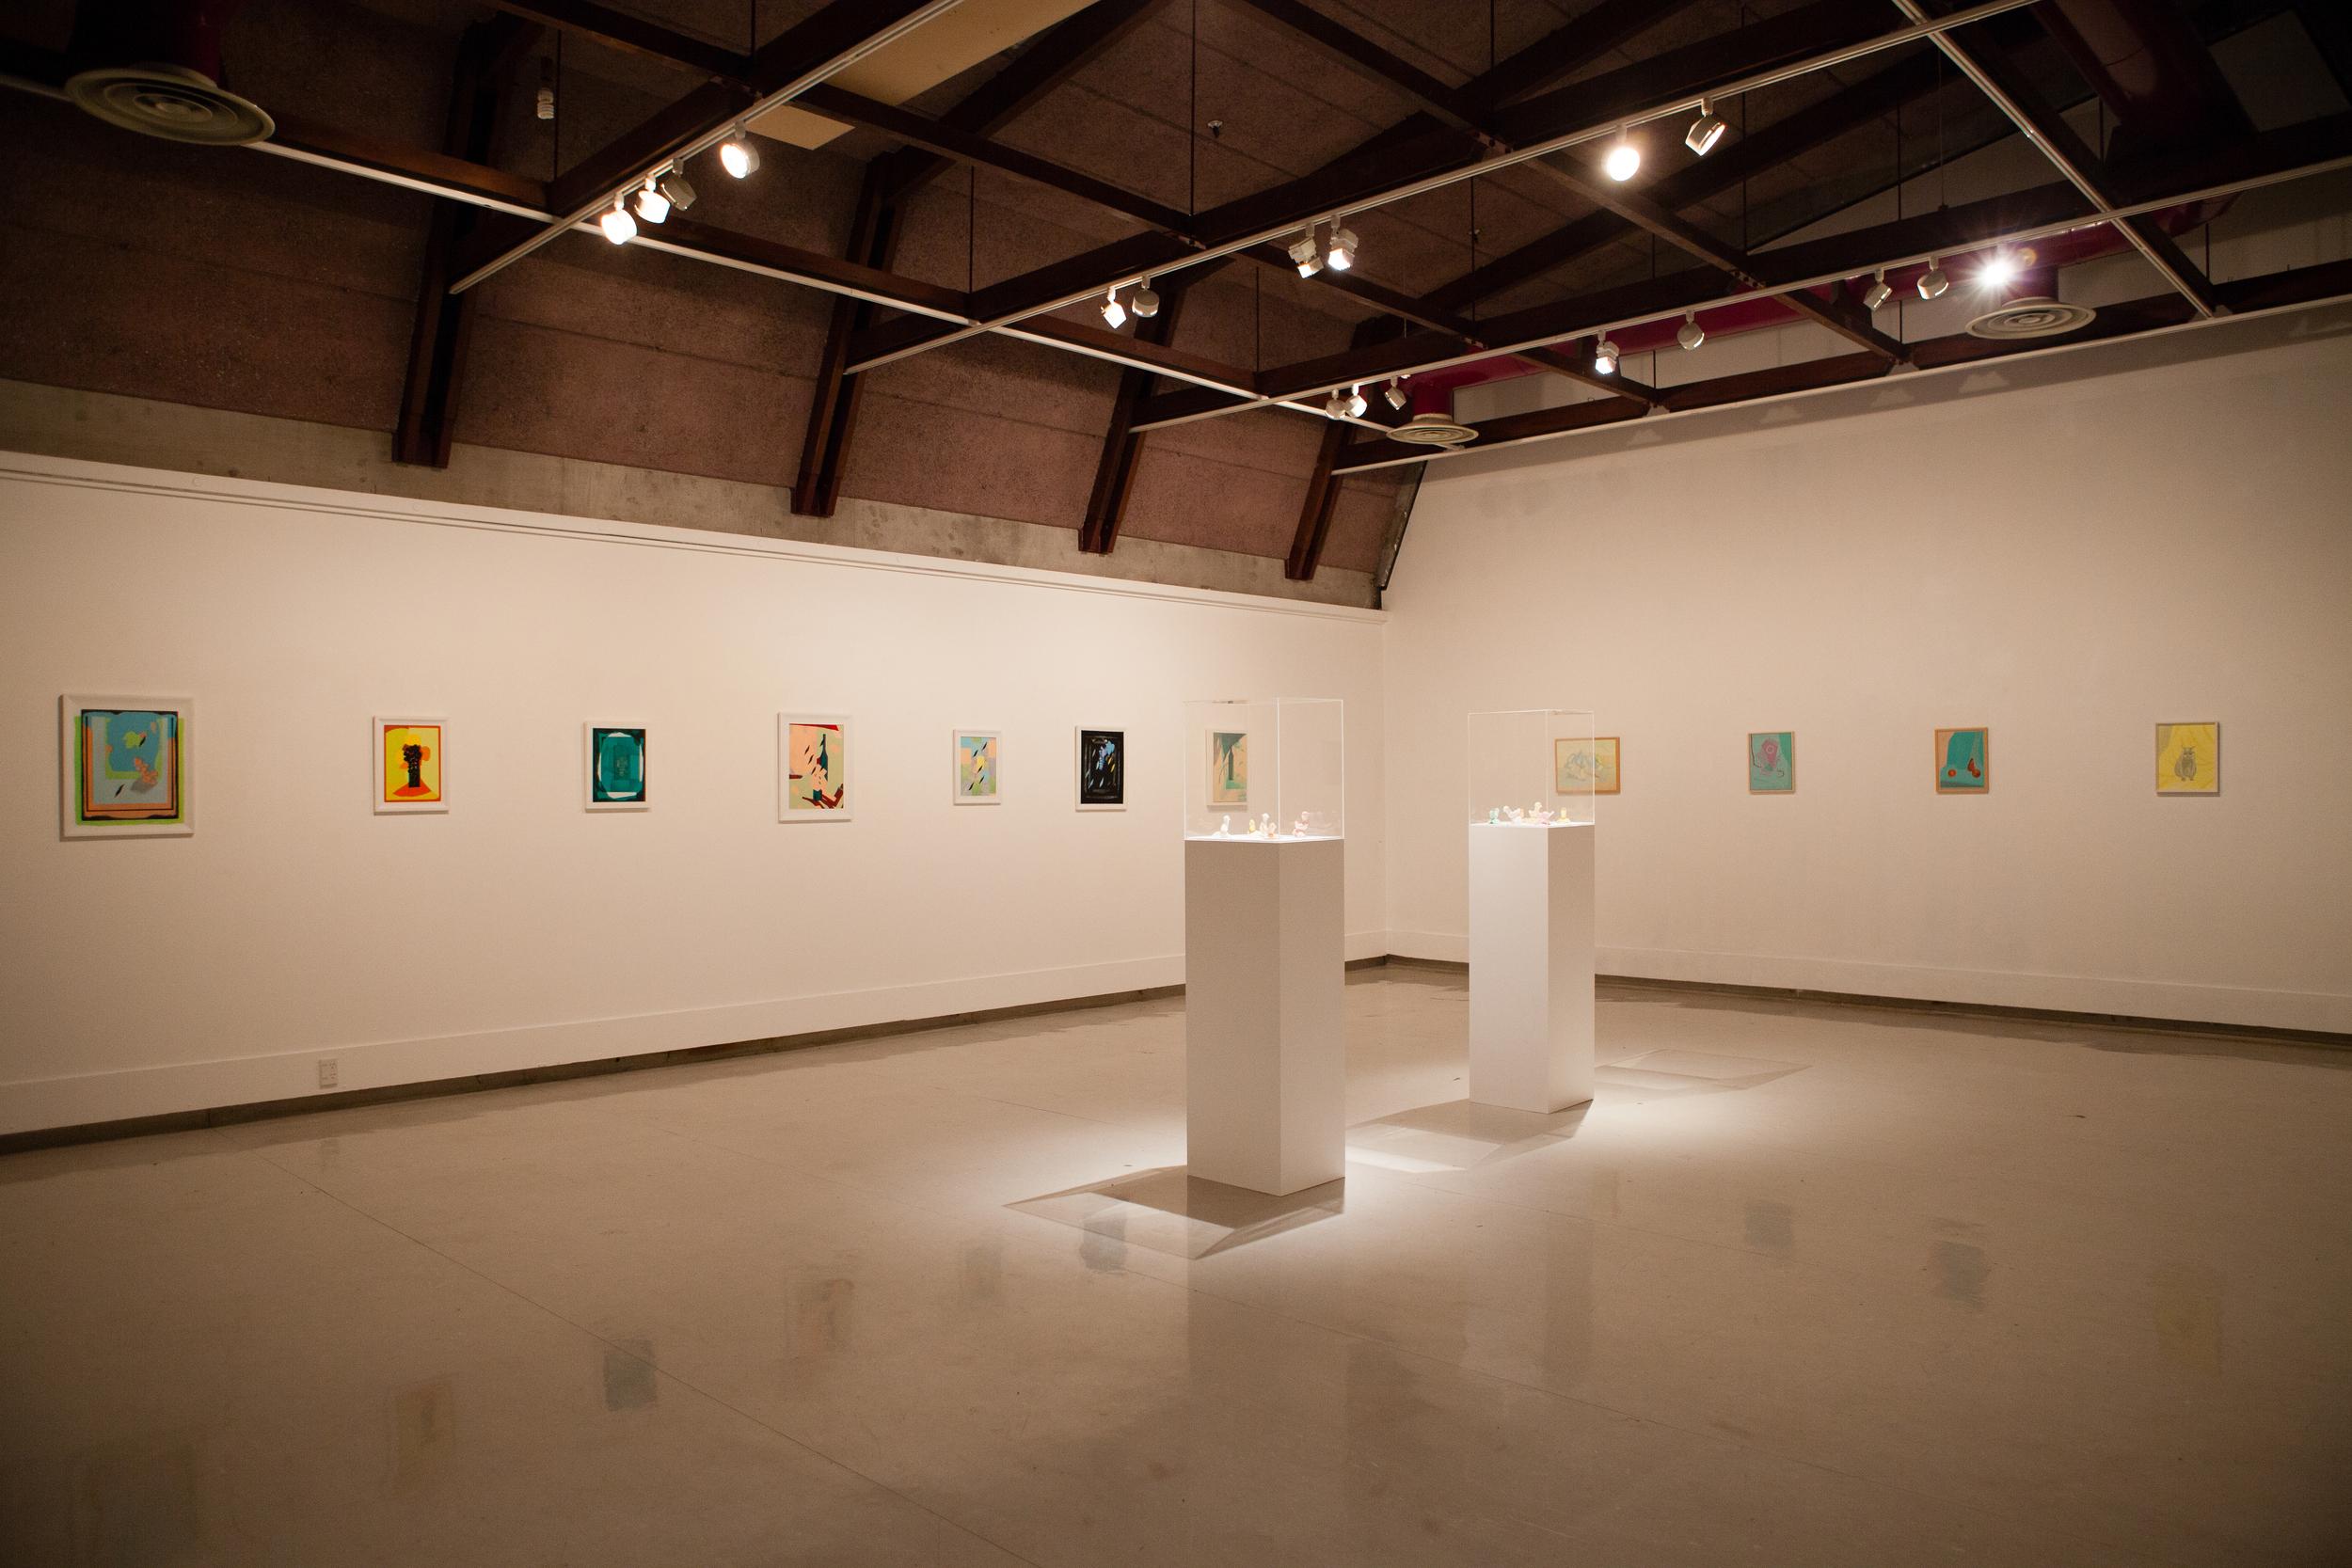 Ilam Campus Gallery